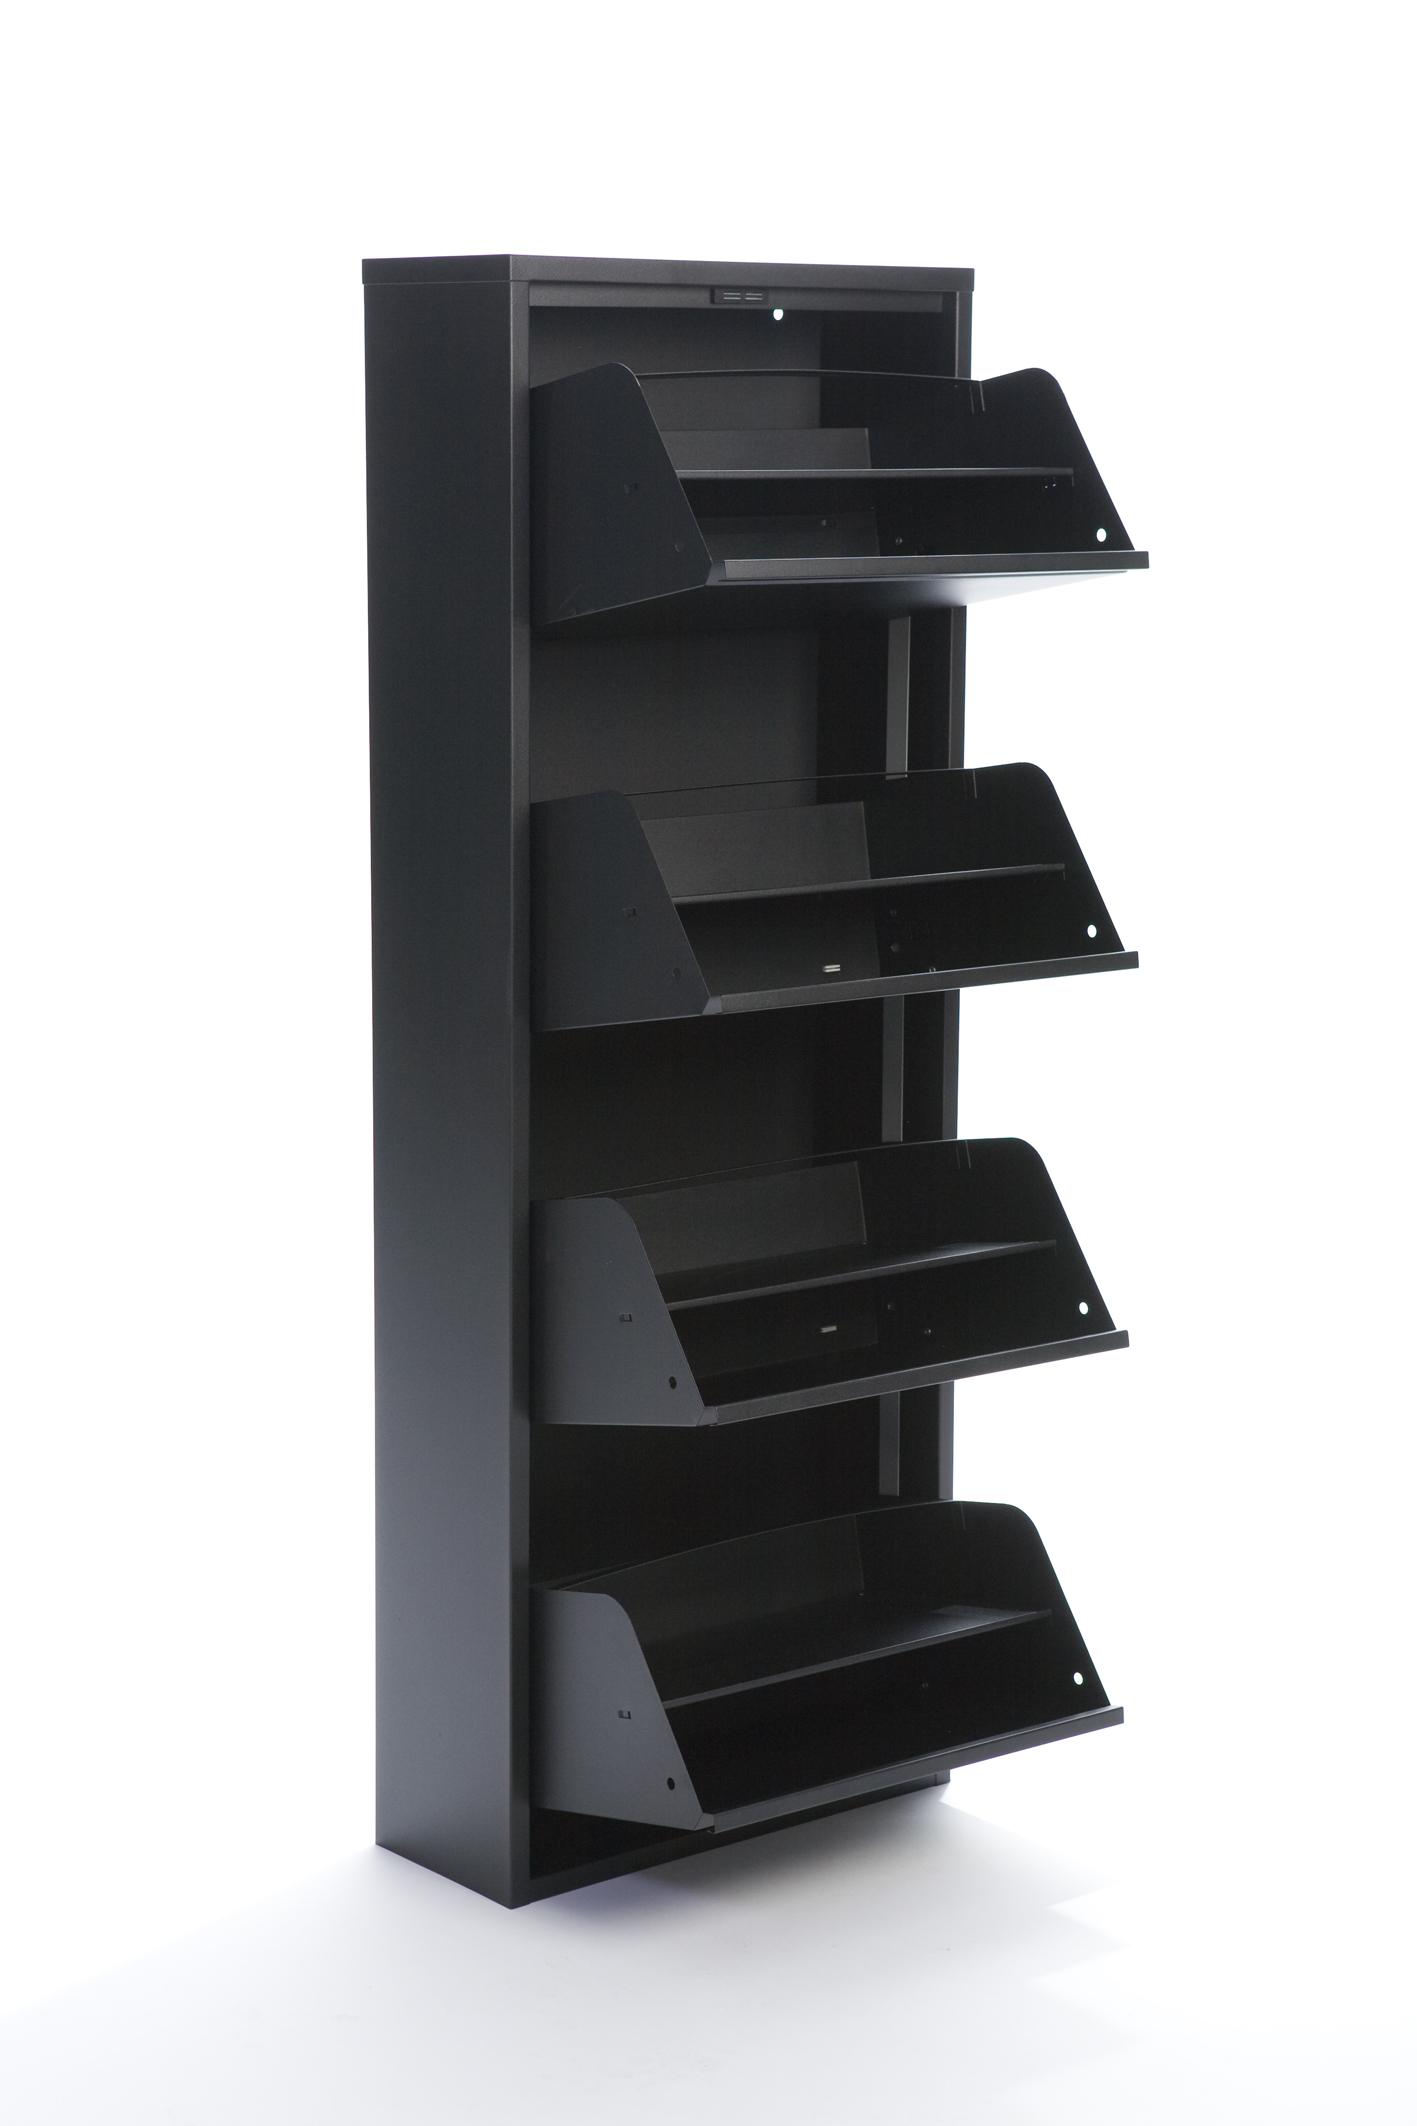 Skoskåp FS 903 (3 lådor)